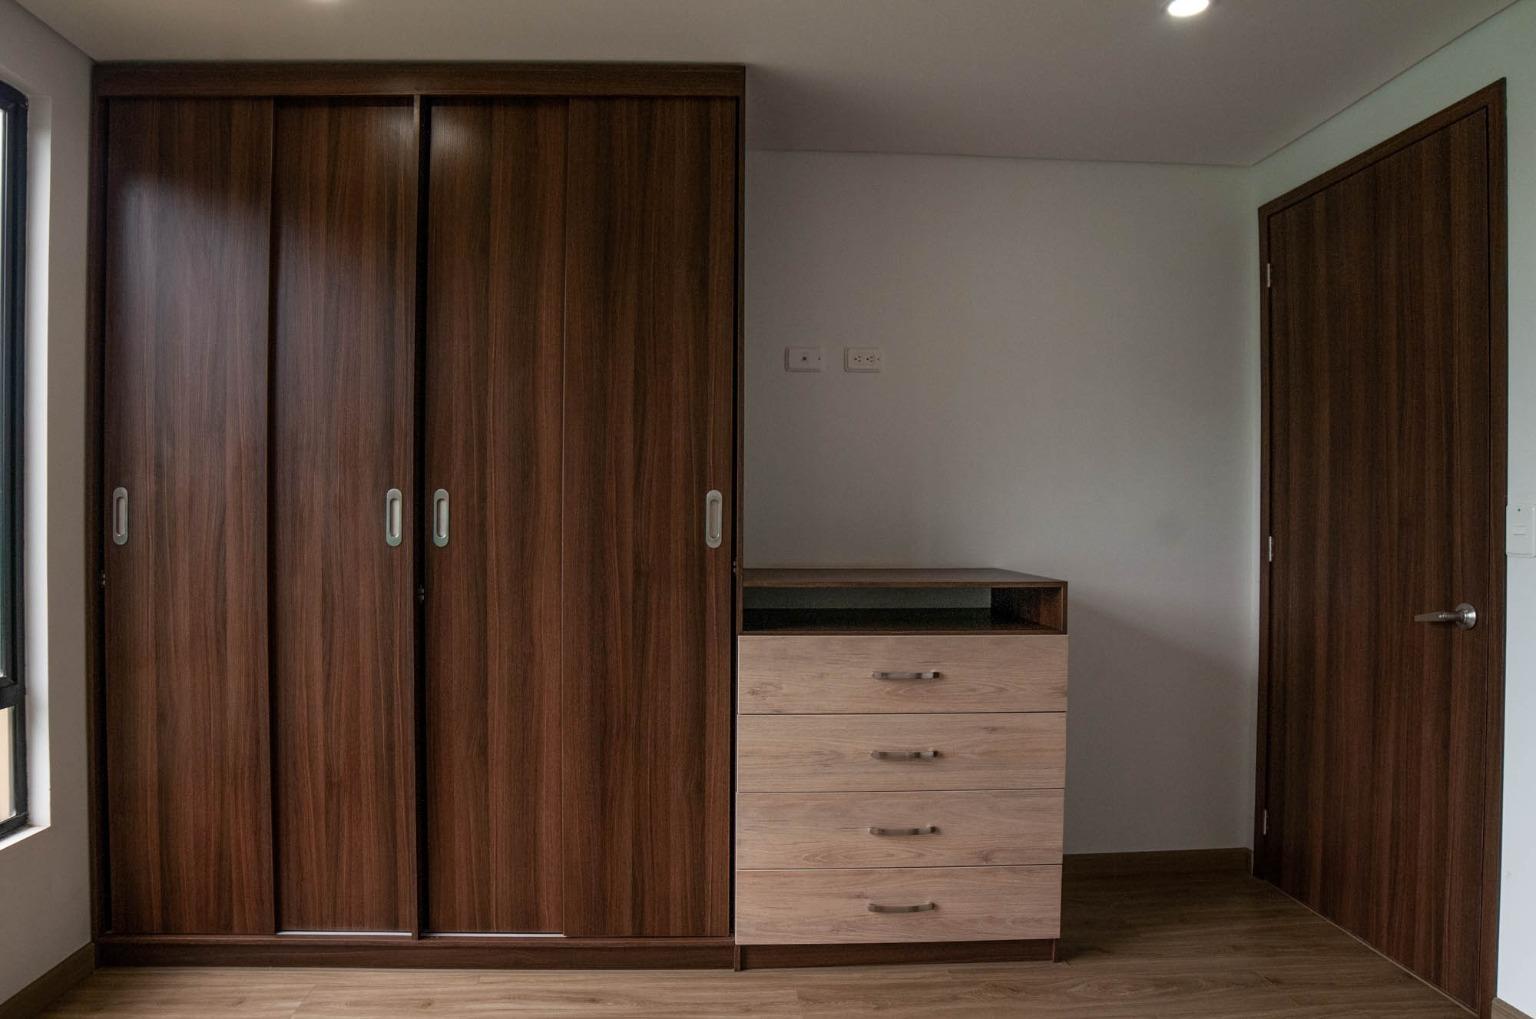 99261 - Hermoso apartamento para la venta, Proyecto Arllendo